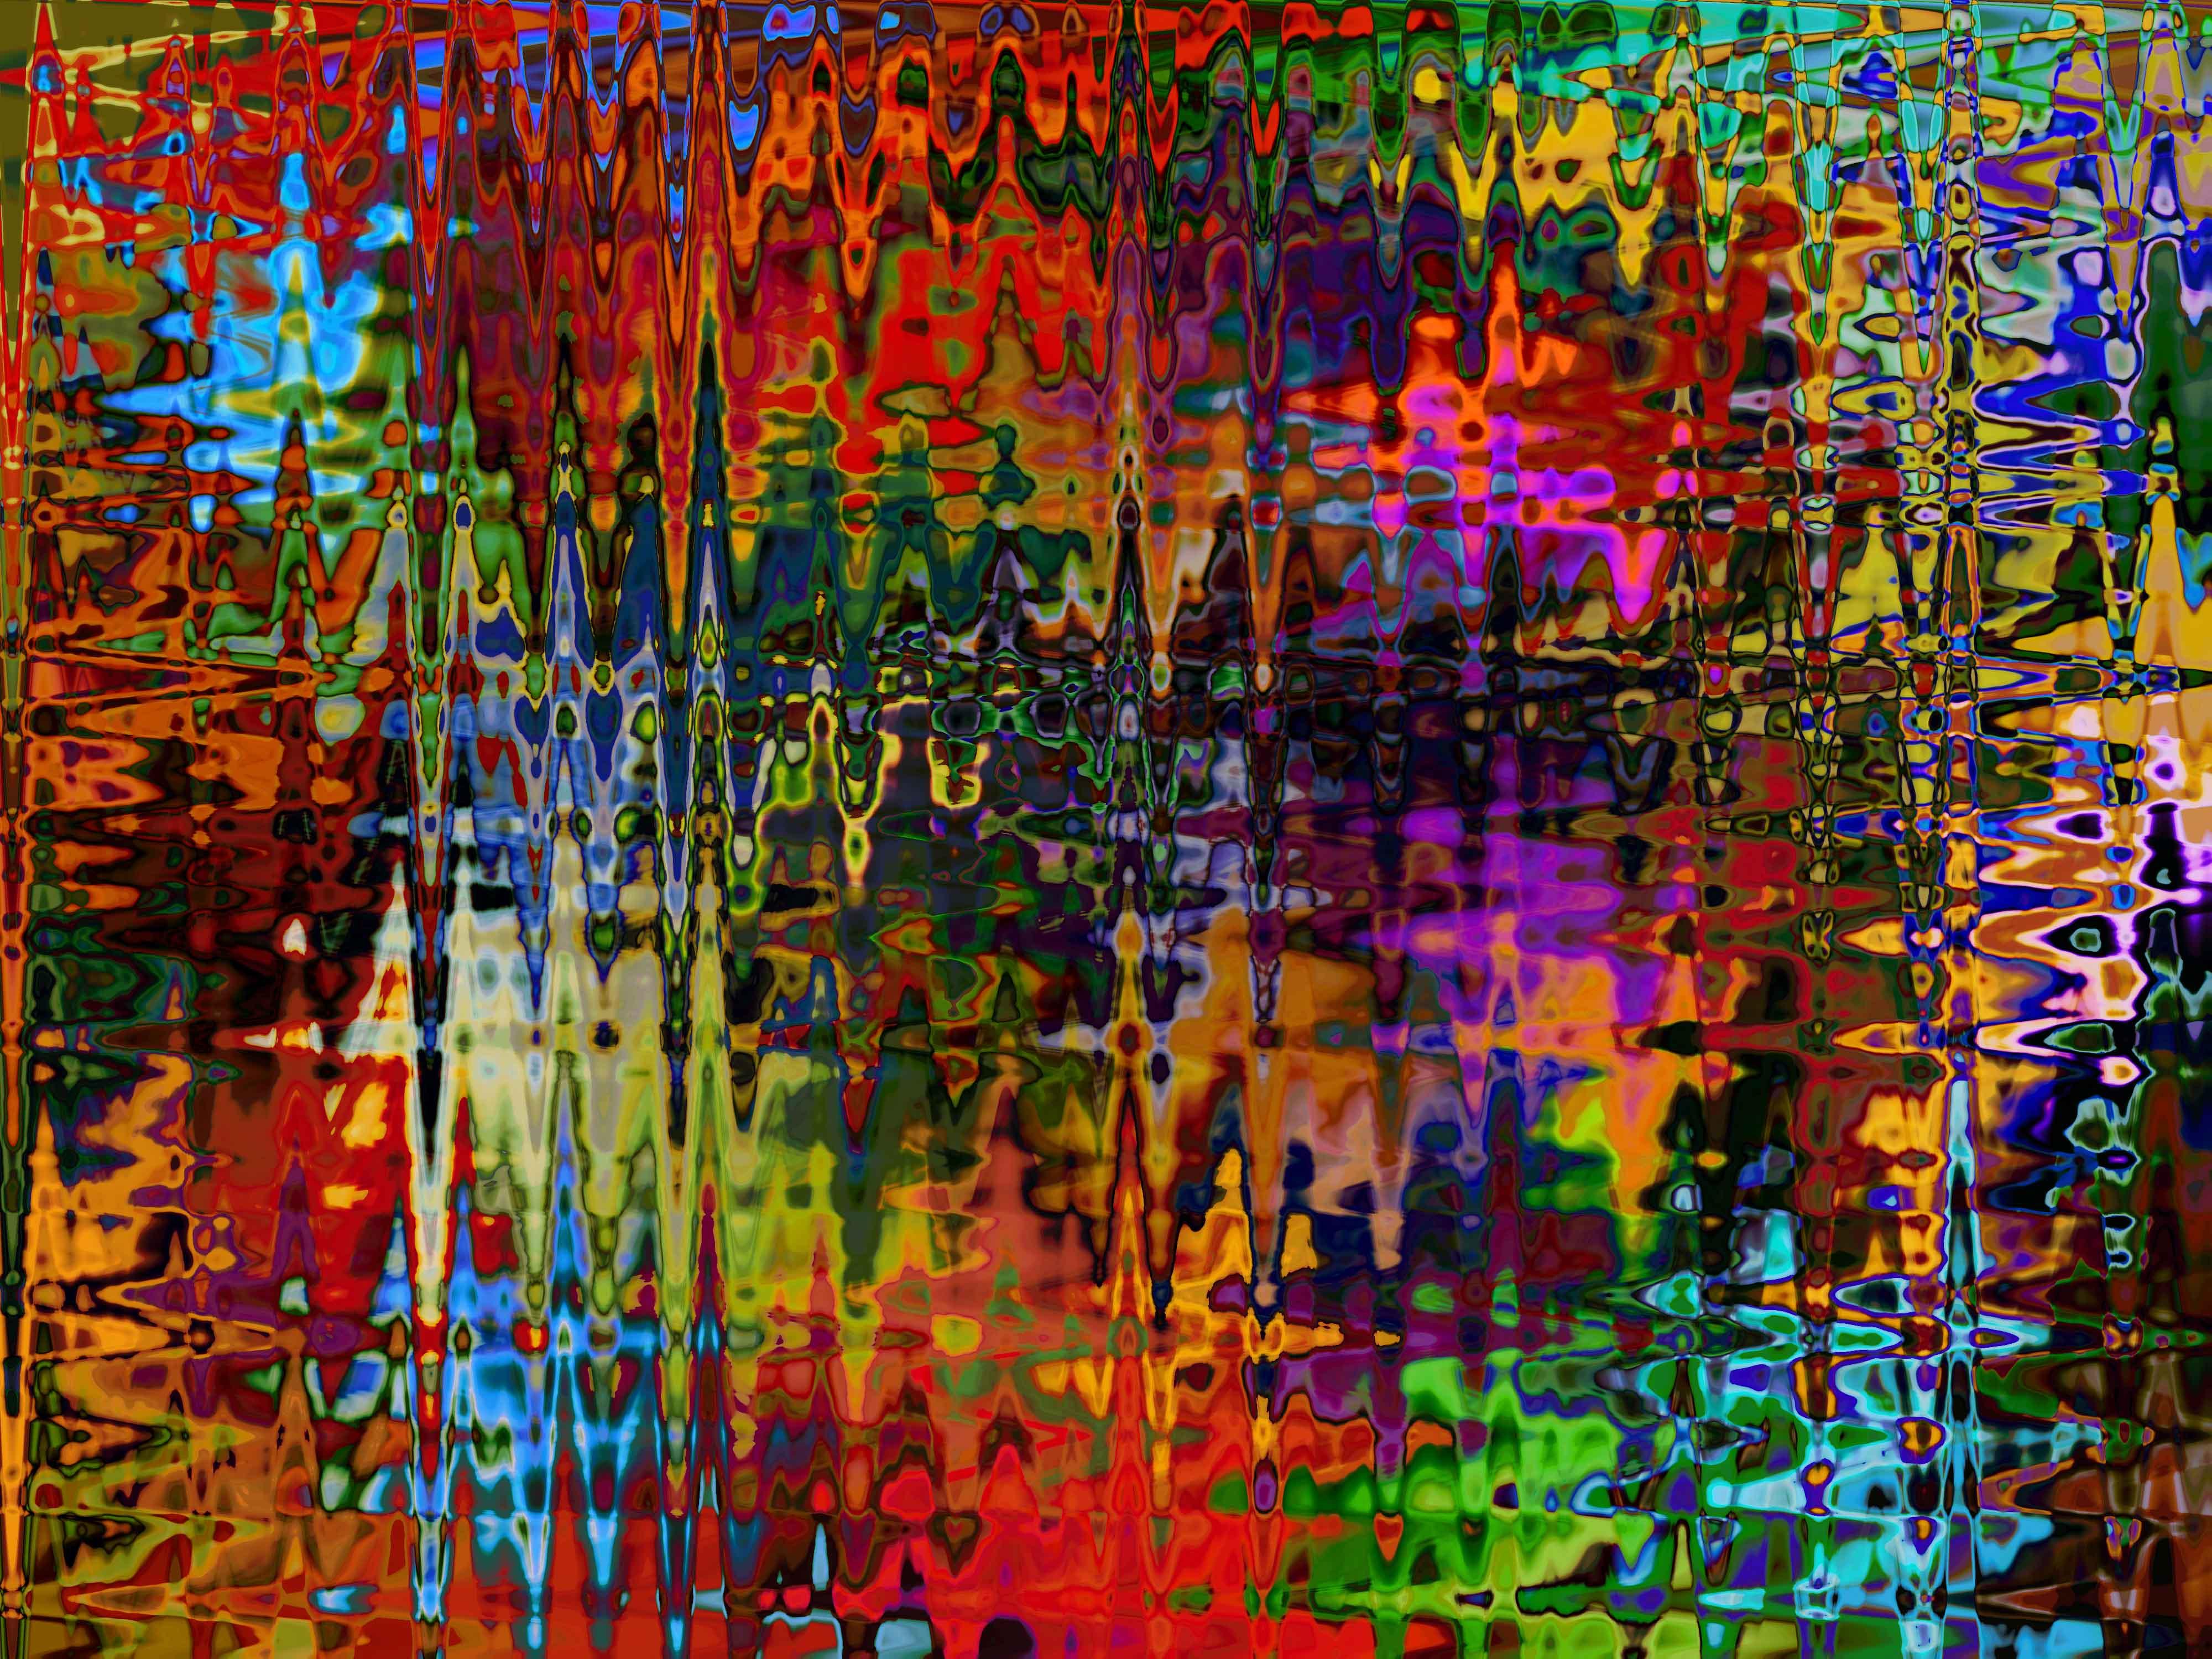 Masaüstü Boyama Defne Simetri Doku Sanat Renk Dijital Sanat